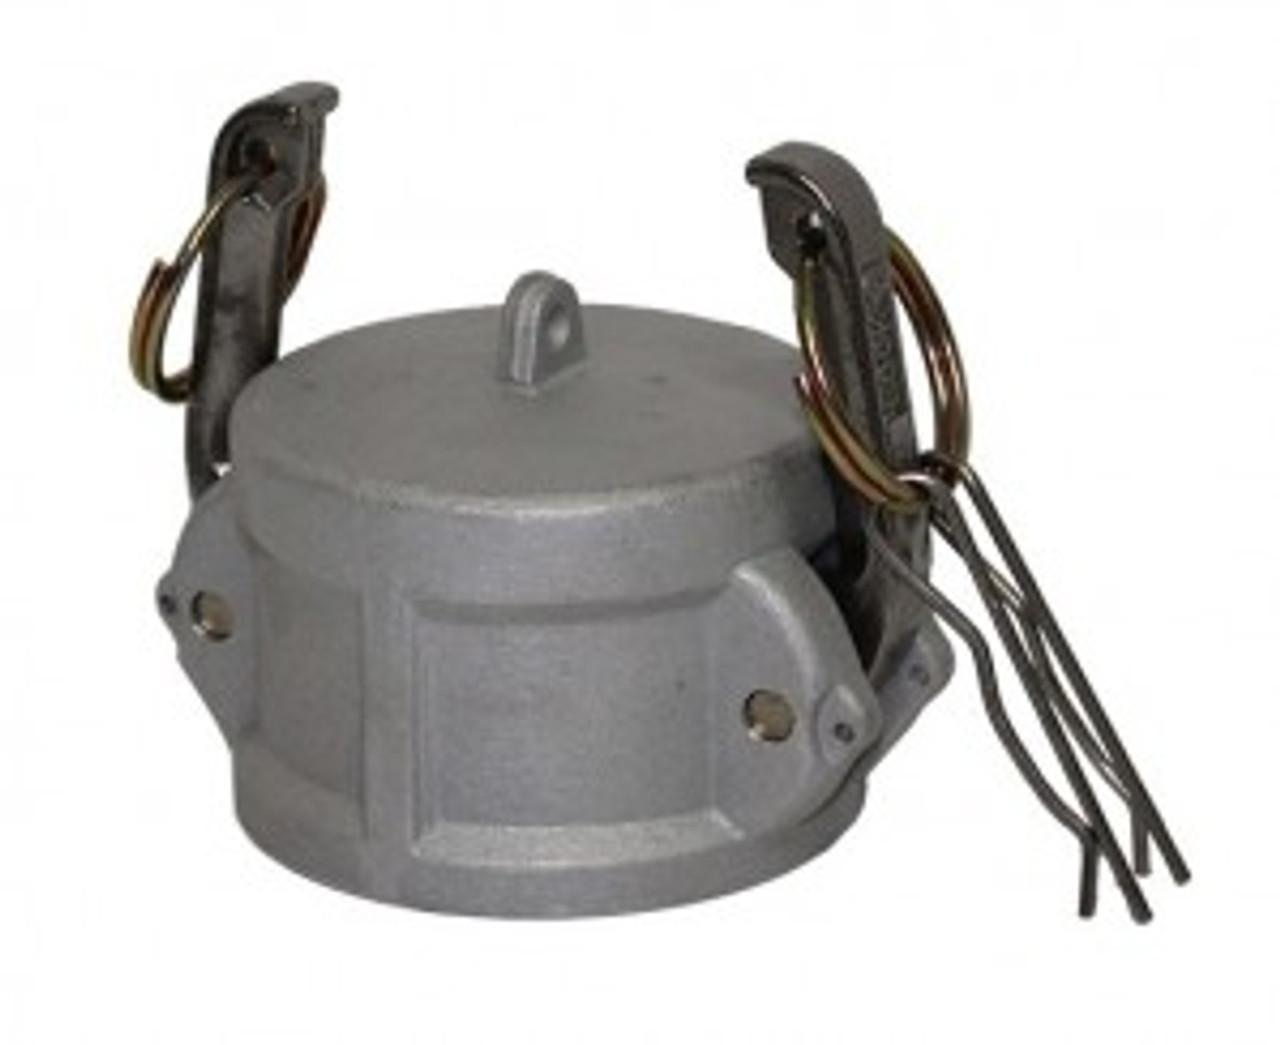 Camlock 75mm 'DC' - 25mm Female Camlock Dust Cap - CAM-AL-80-DC